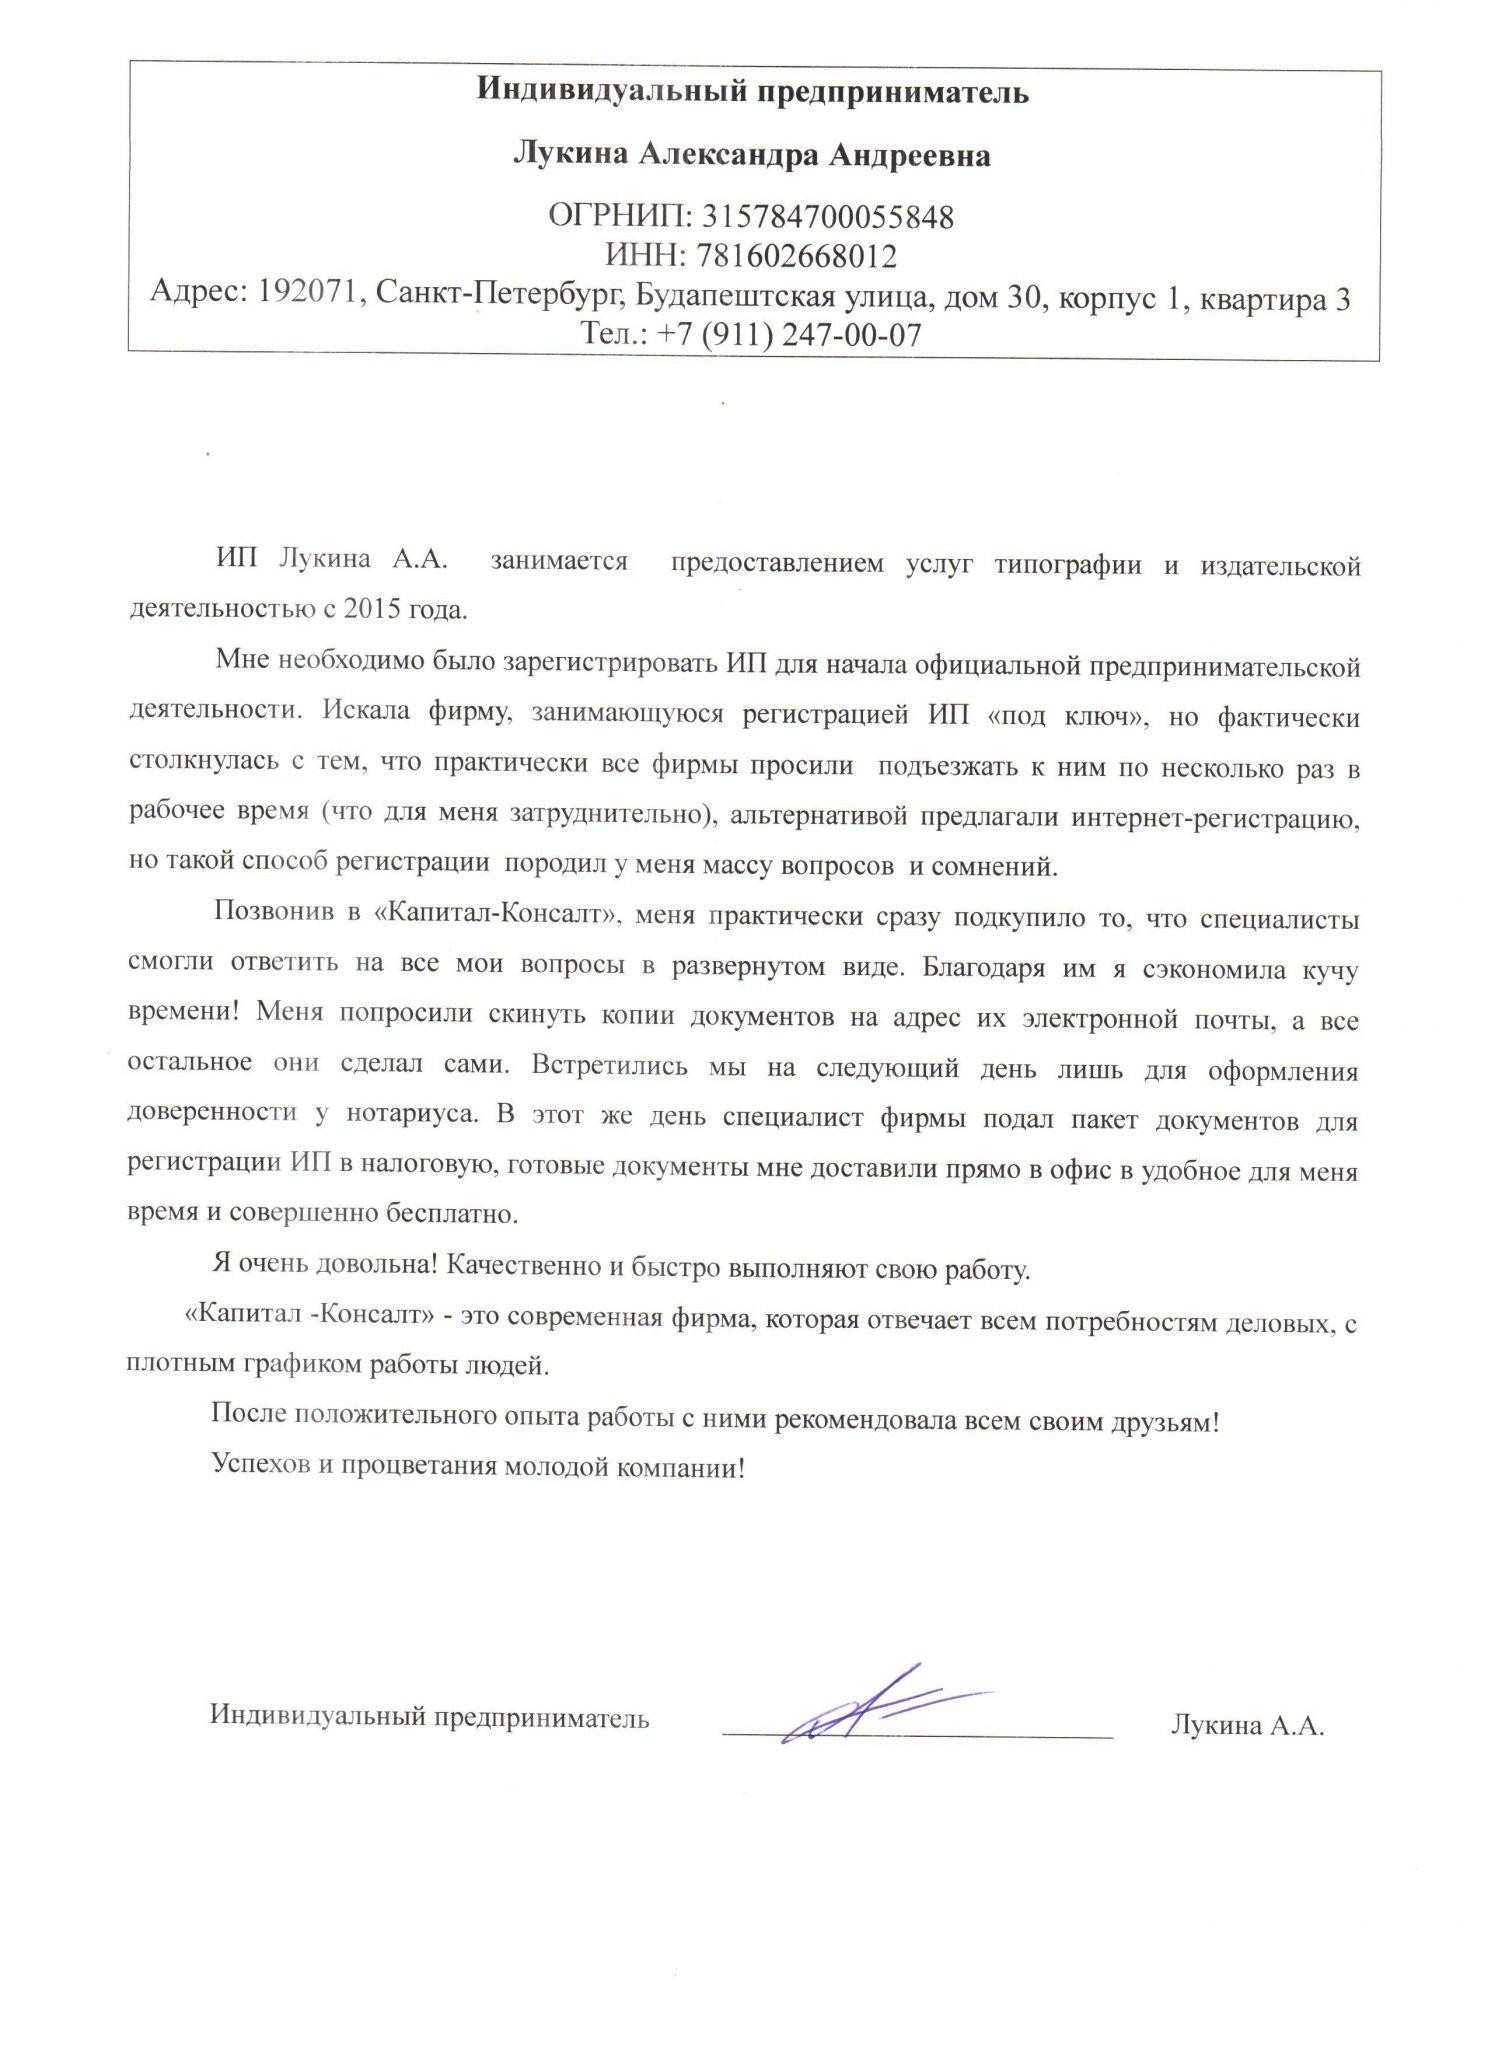 ИП-Лукина